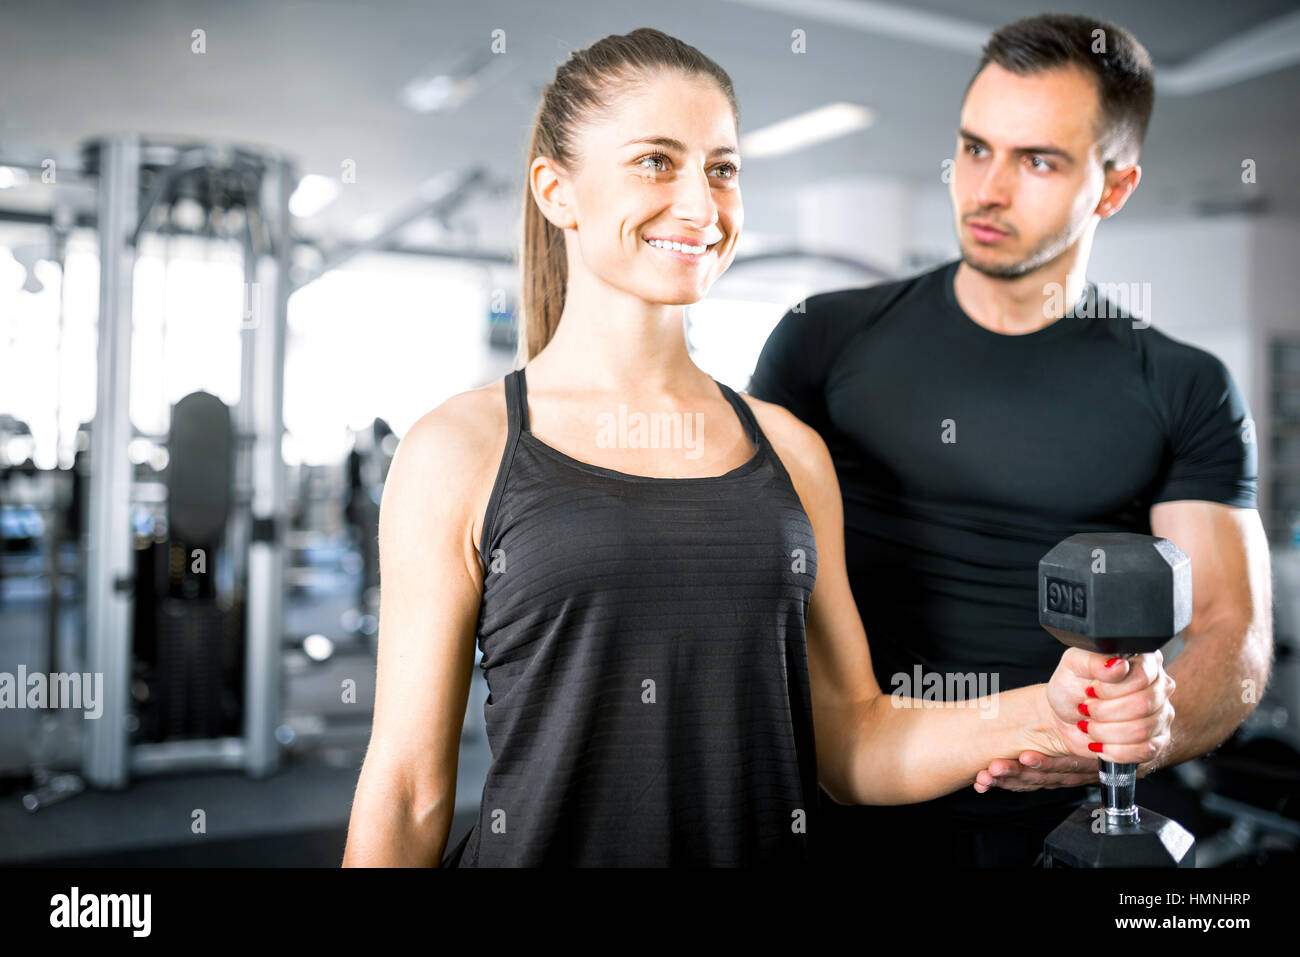 Adulto joven mujer trabajando en el gimnasio, haciendo flexiones de brazos (bíceps) con la ayuda de su entrenador personal. Foto de stock